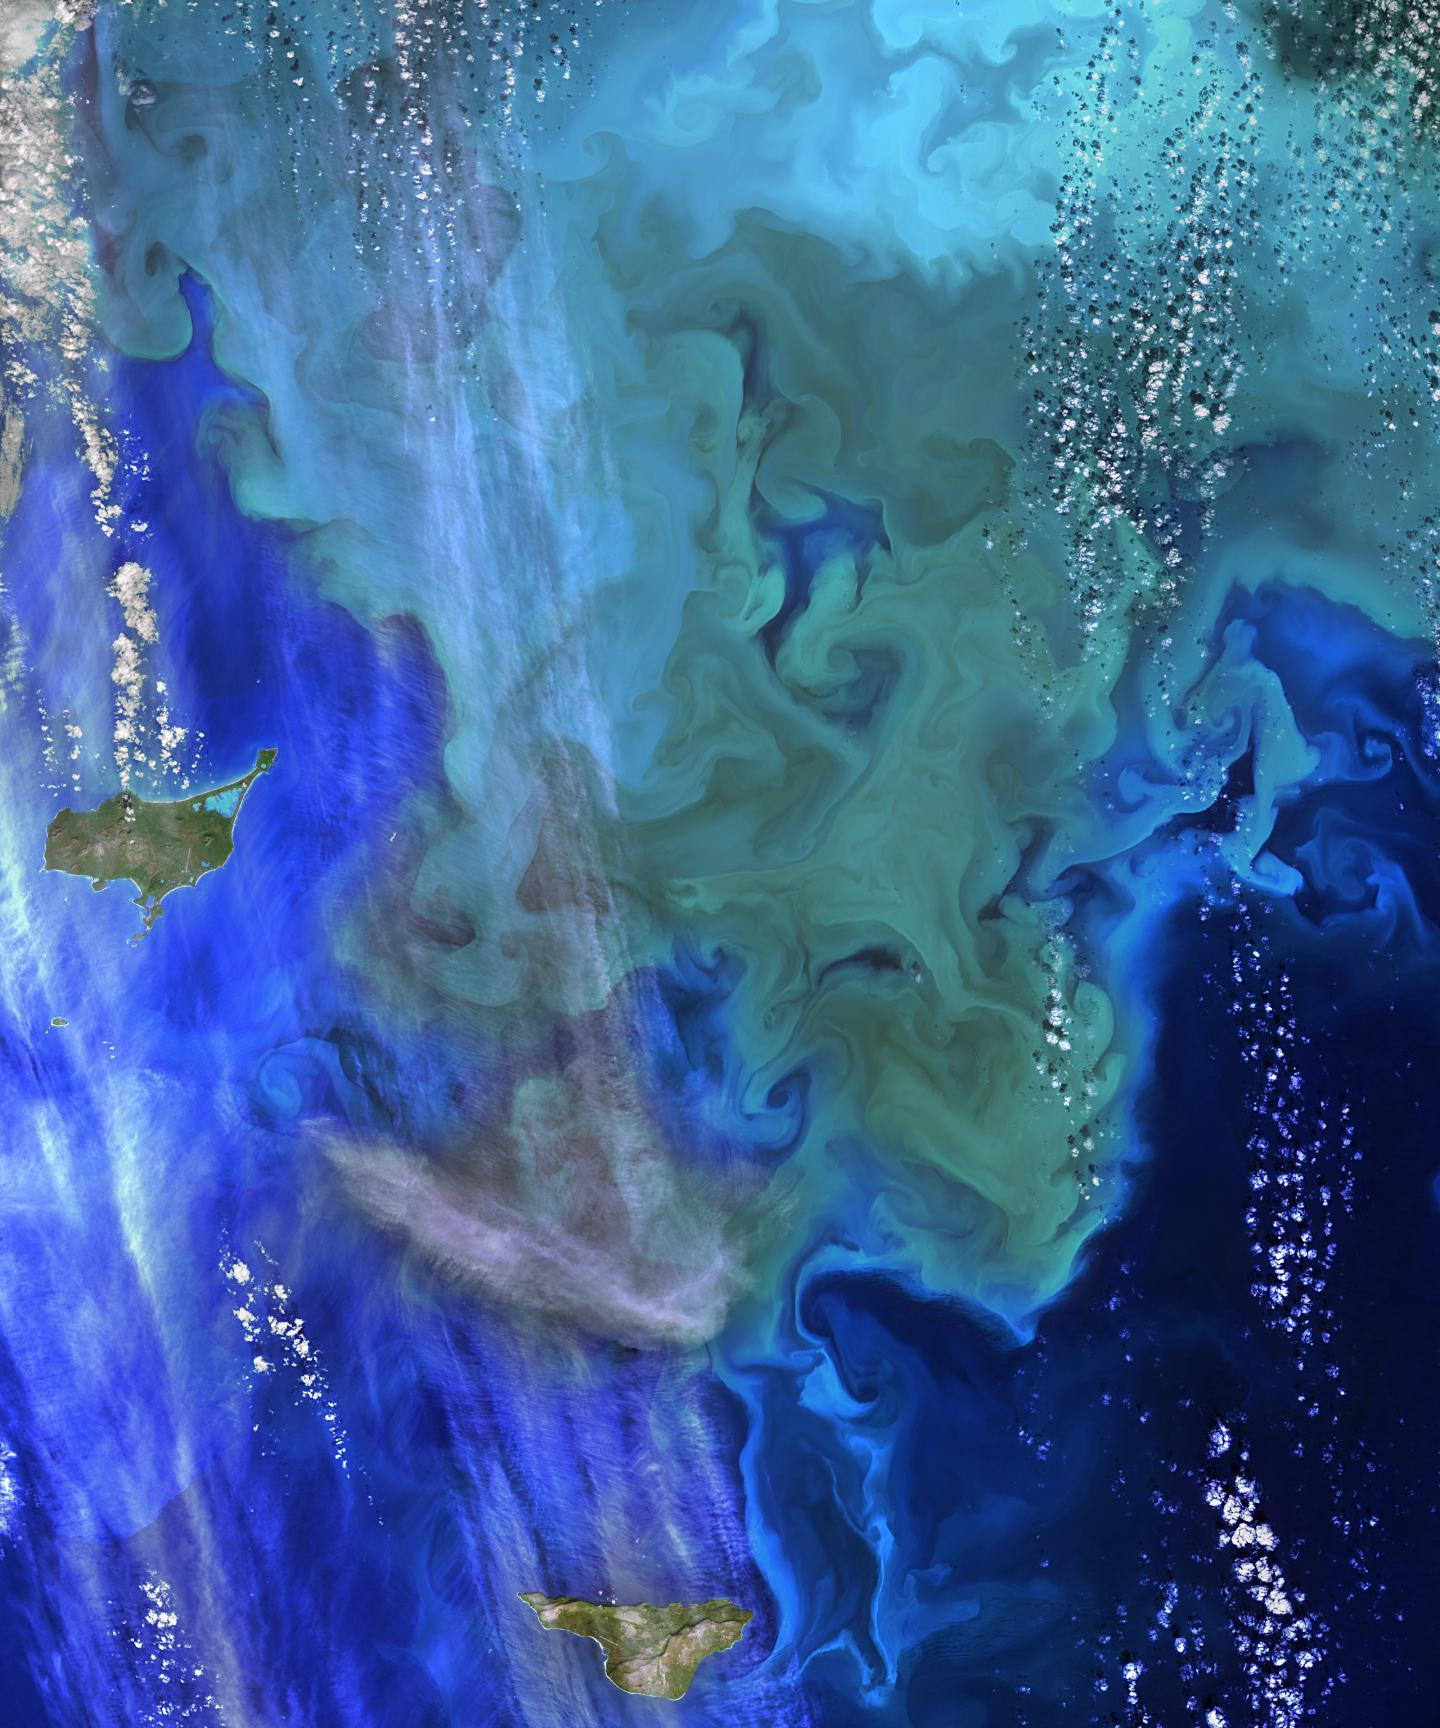 NASA ocean data shows 'climate dance' of plankton